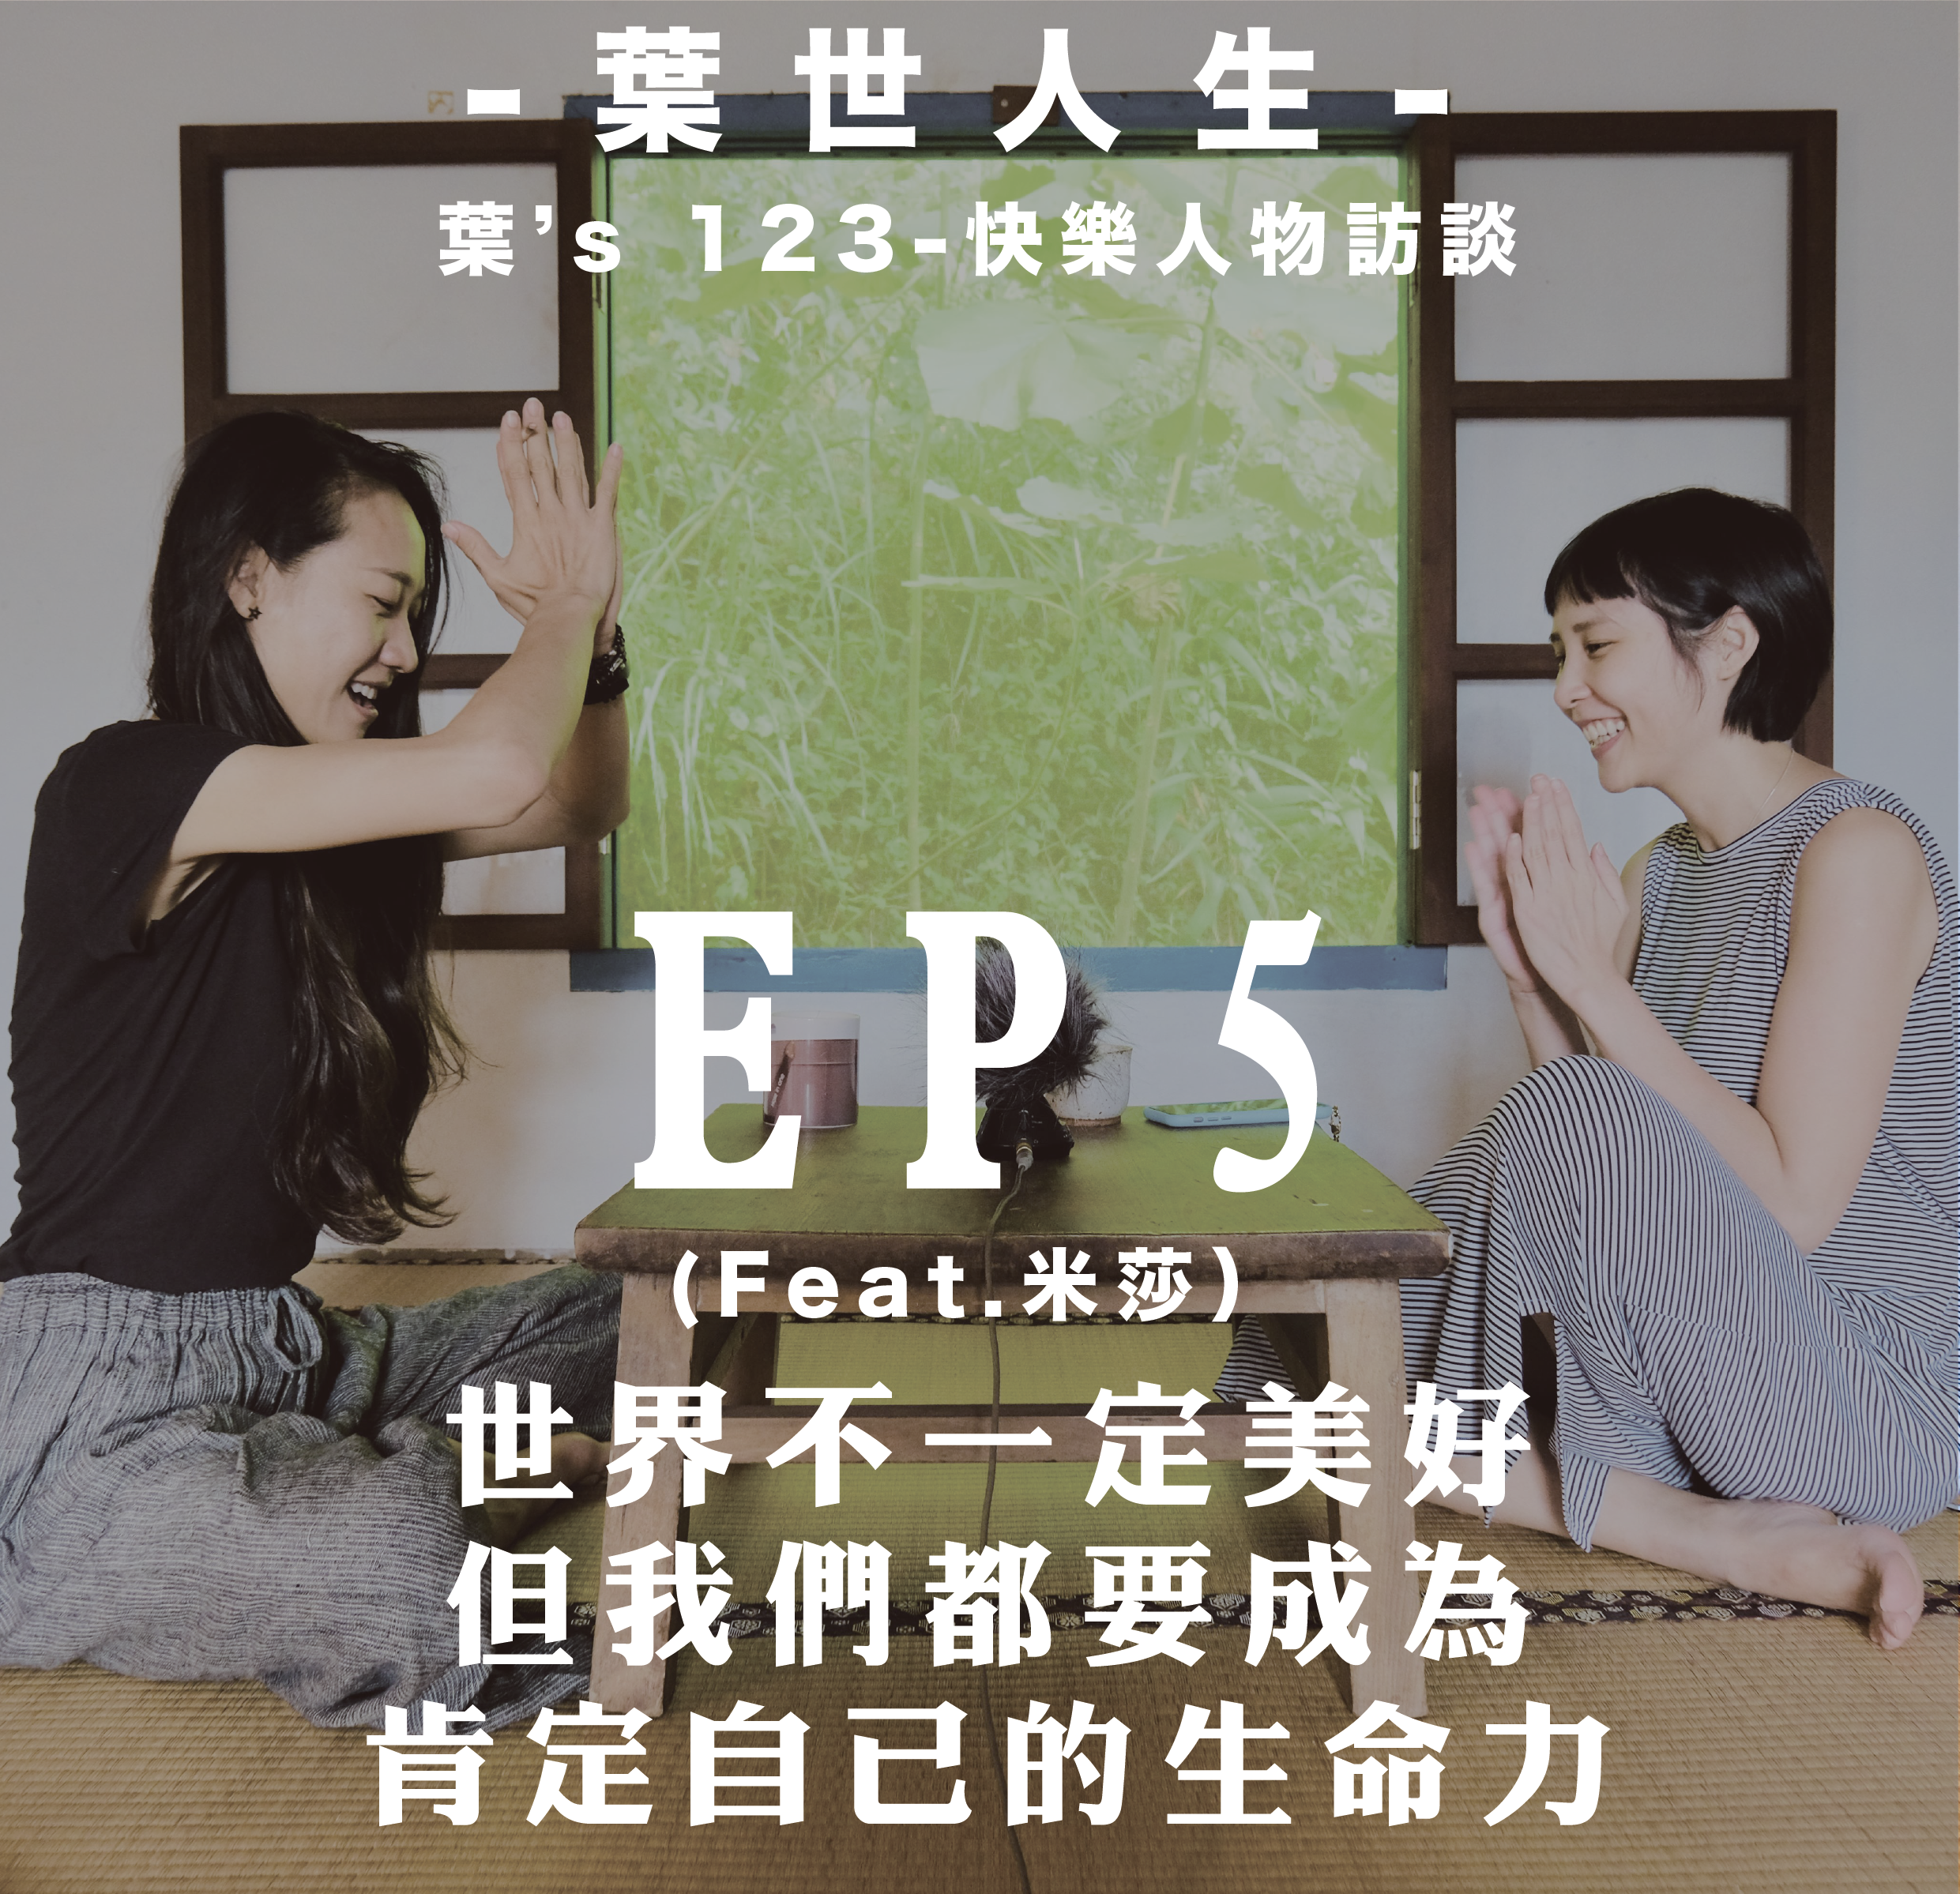 [葉's 123 ]EP05 (feat.米莎):世界不一定美好,但我們都要成為肯定自己的生命力